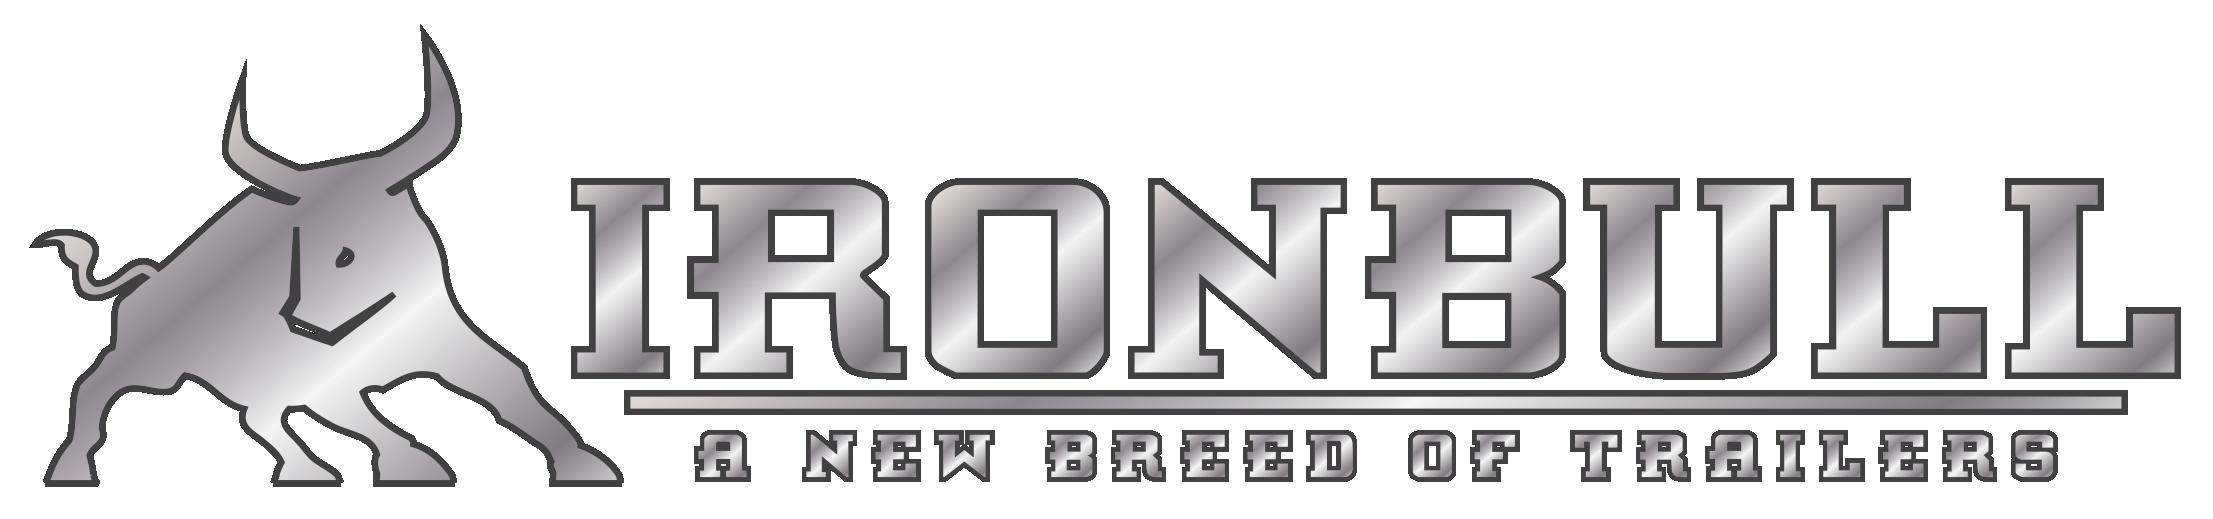 Iron Bull Trailers